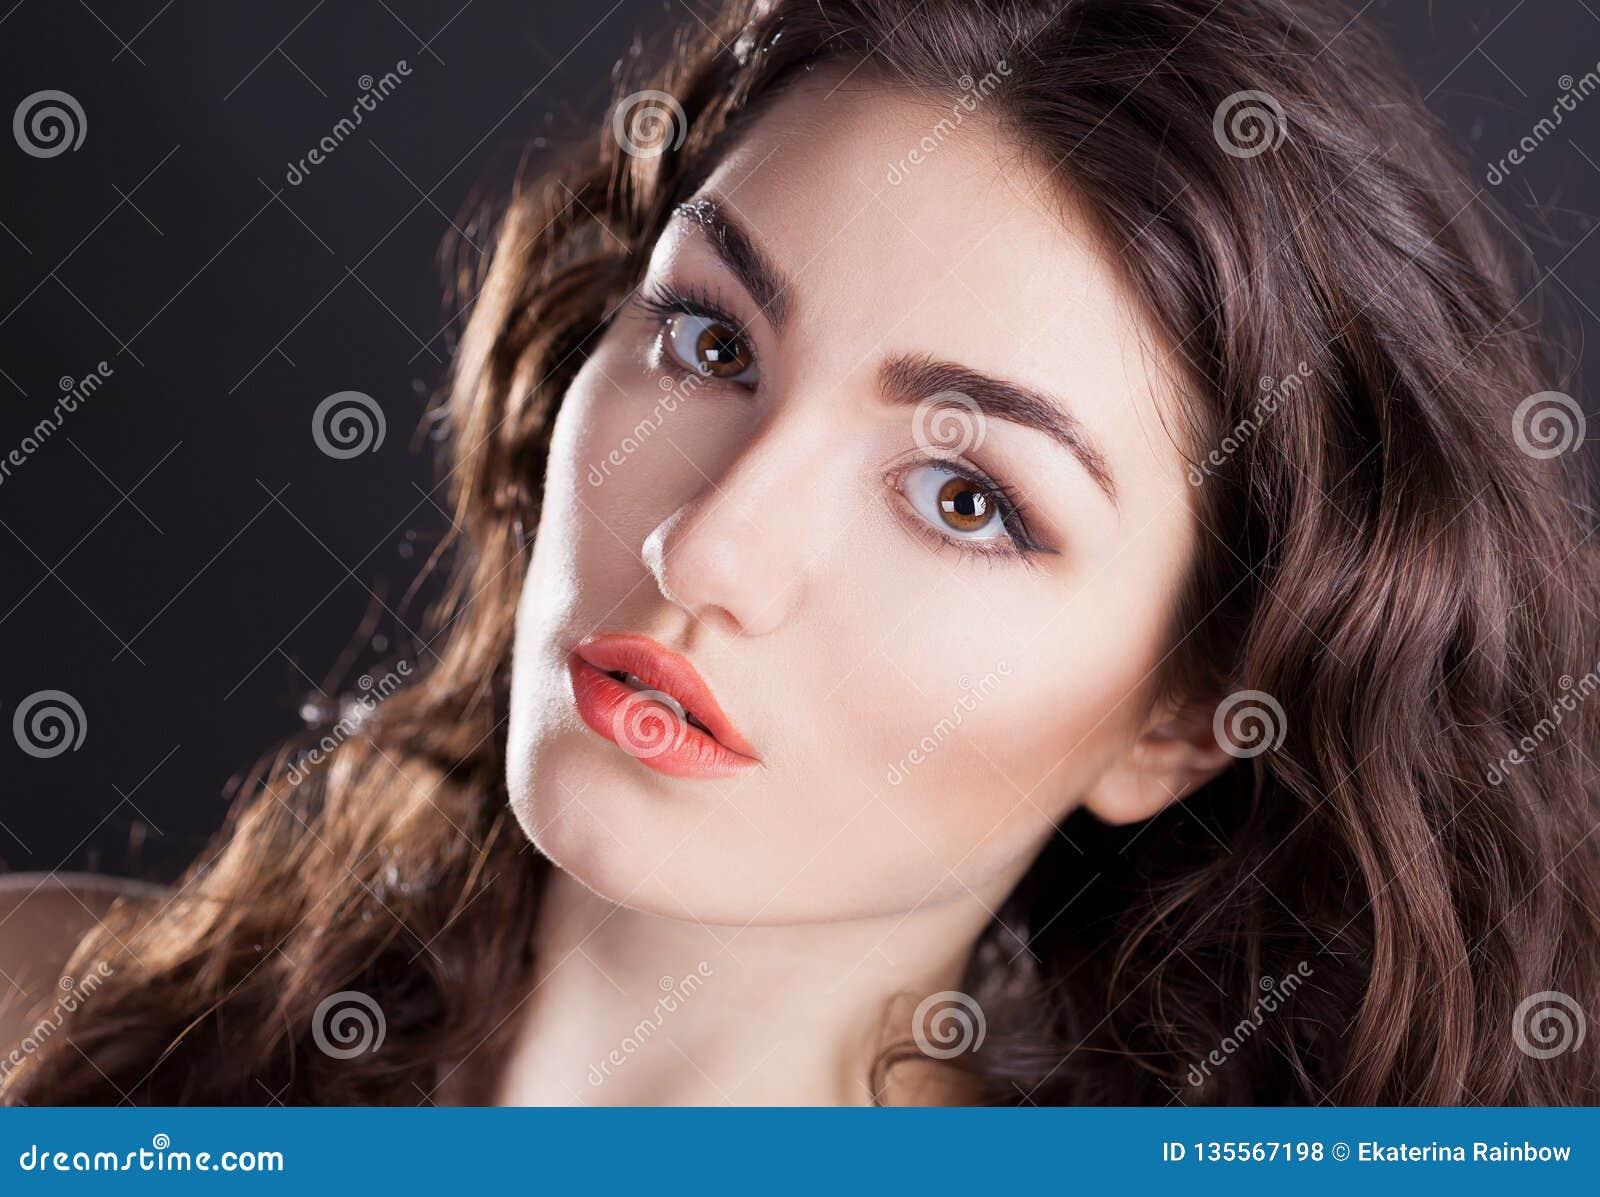 Cara, olhos marrons, fundo preto, sério